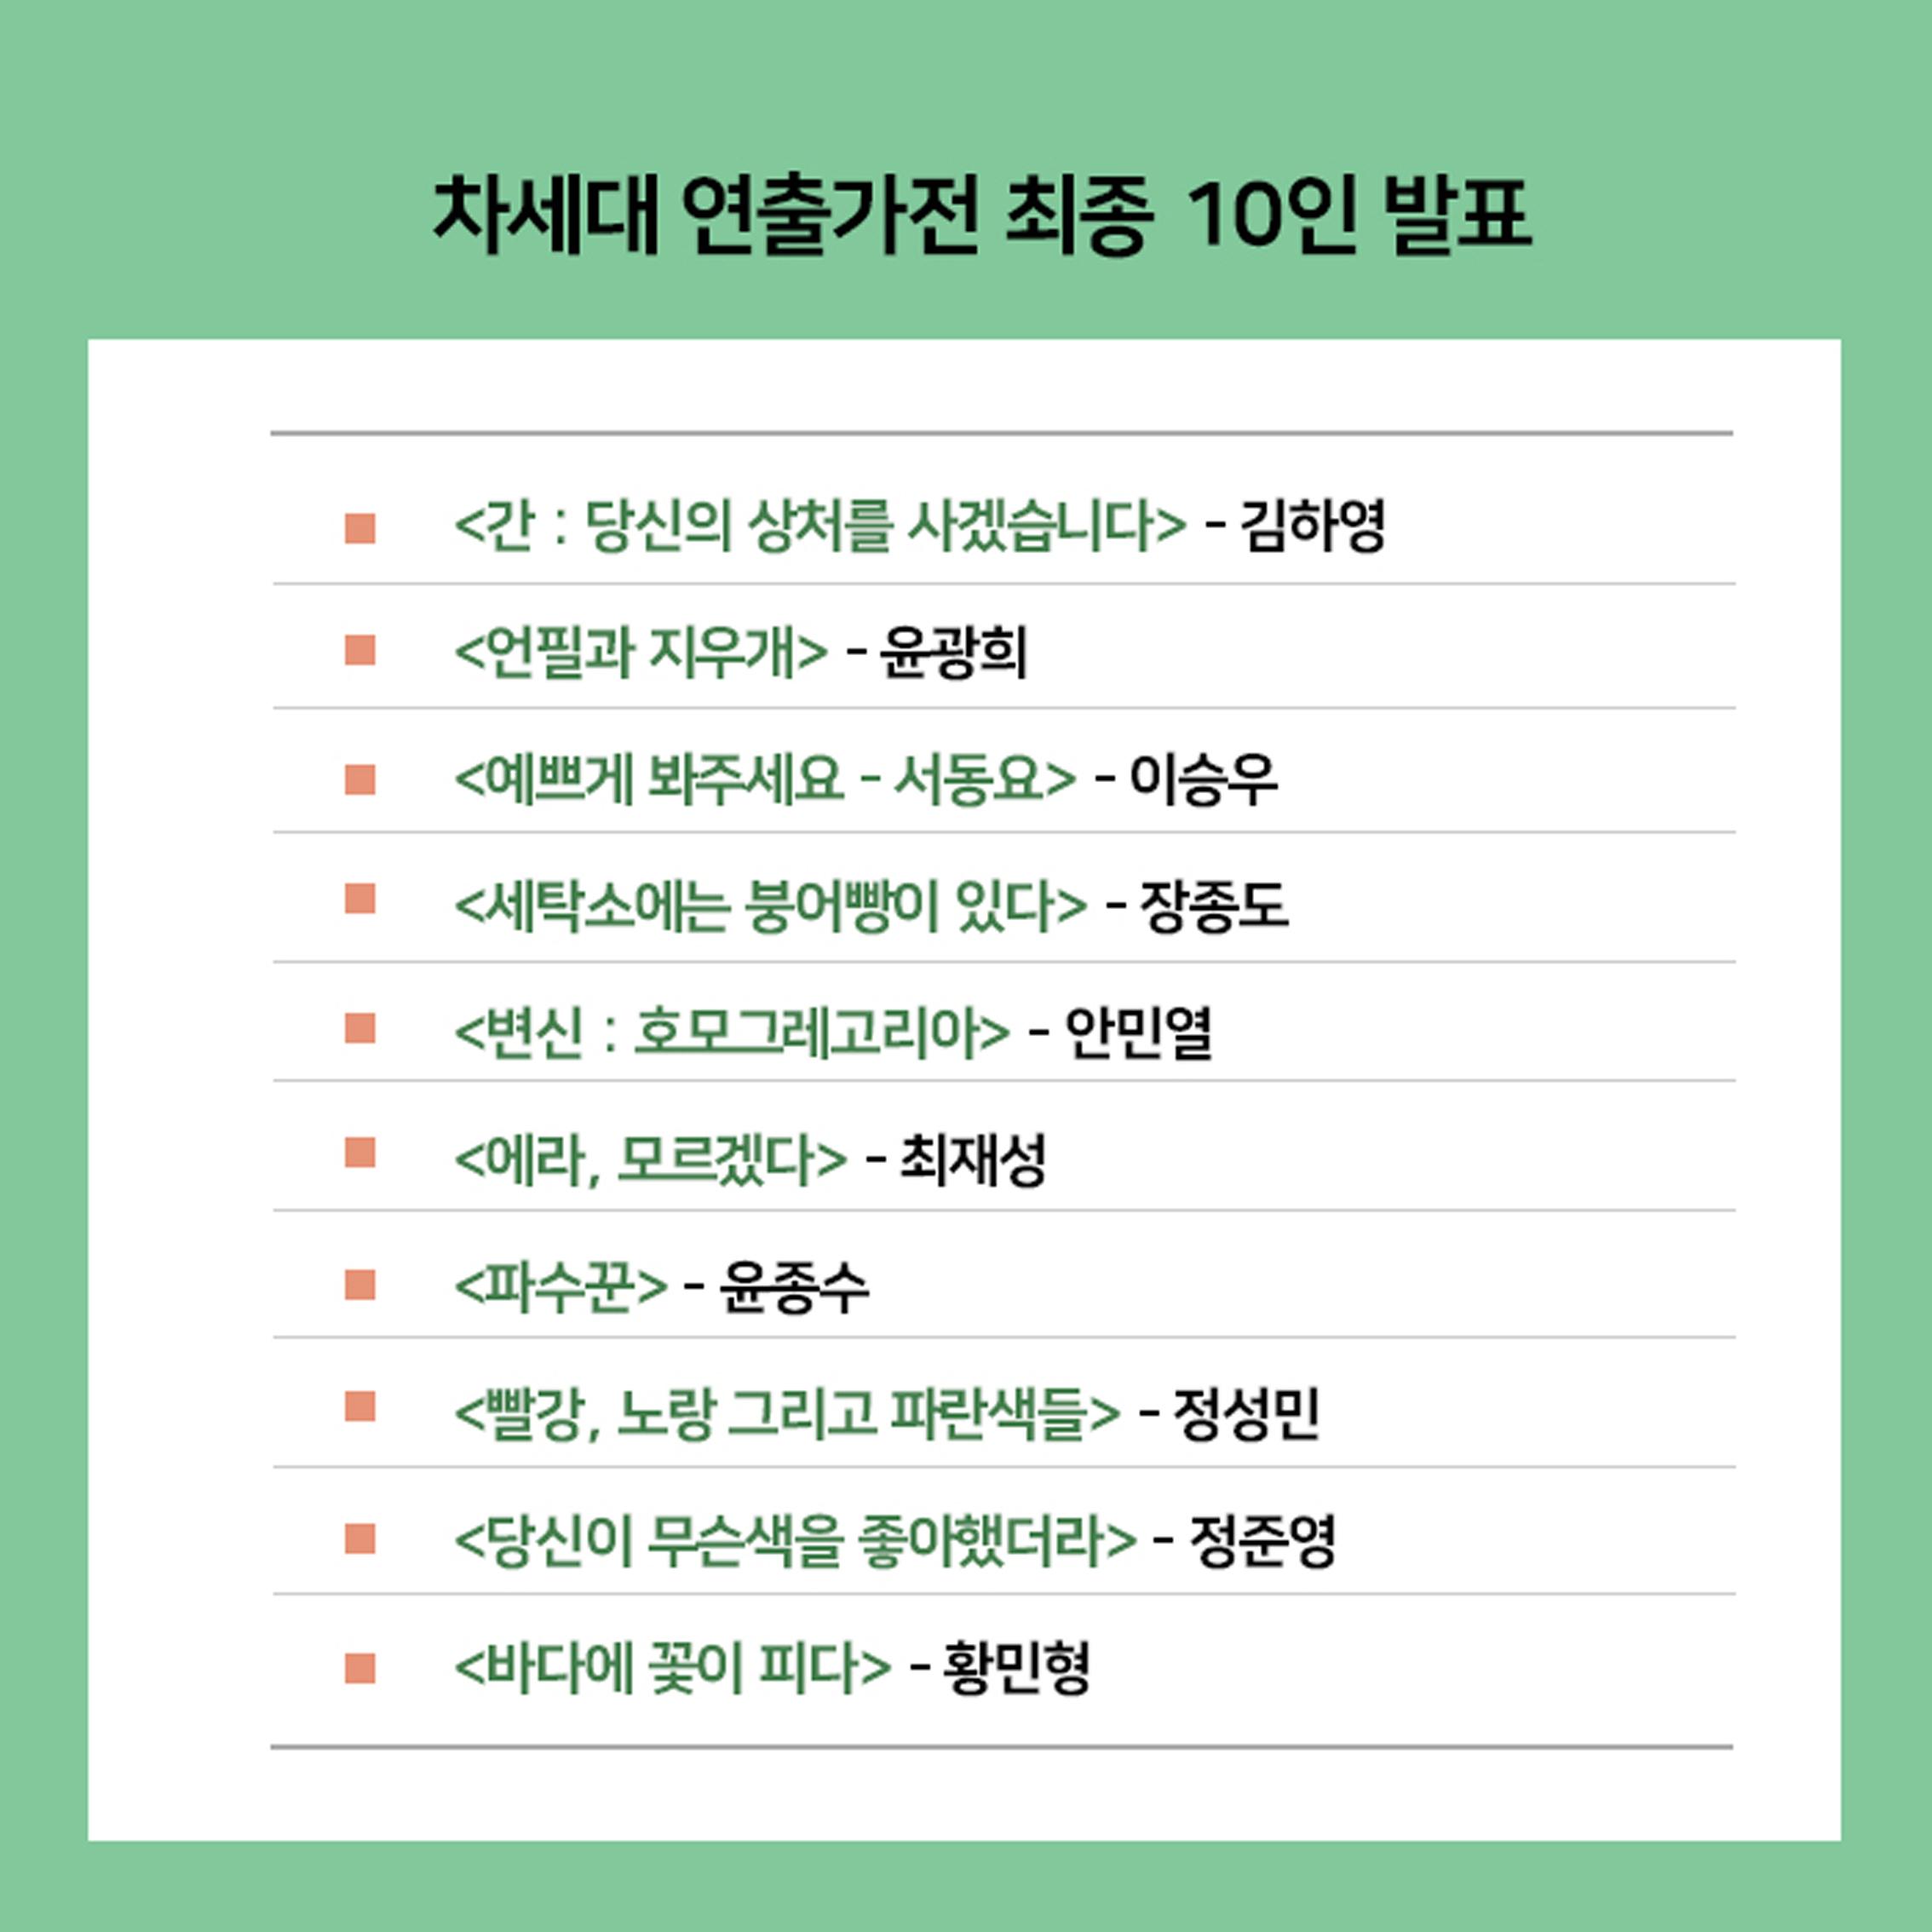 2020 밀양공연예술축제 차세대연출가전, 최종 10팀 확정